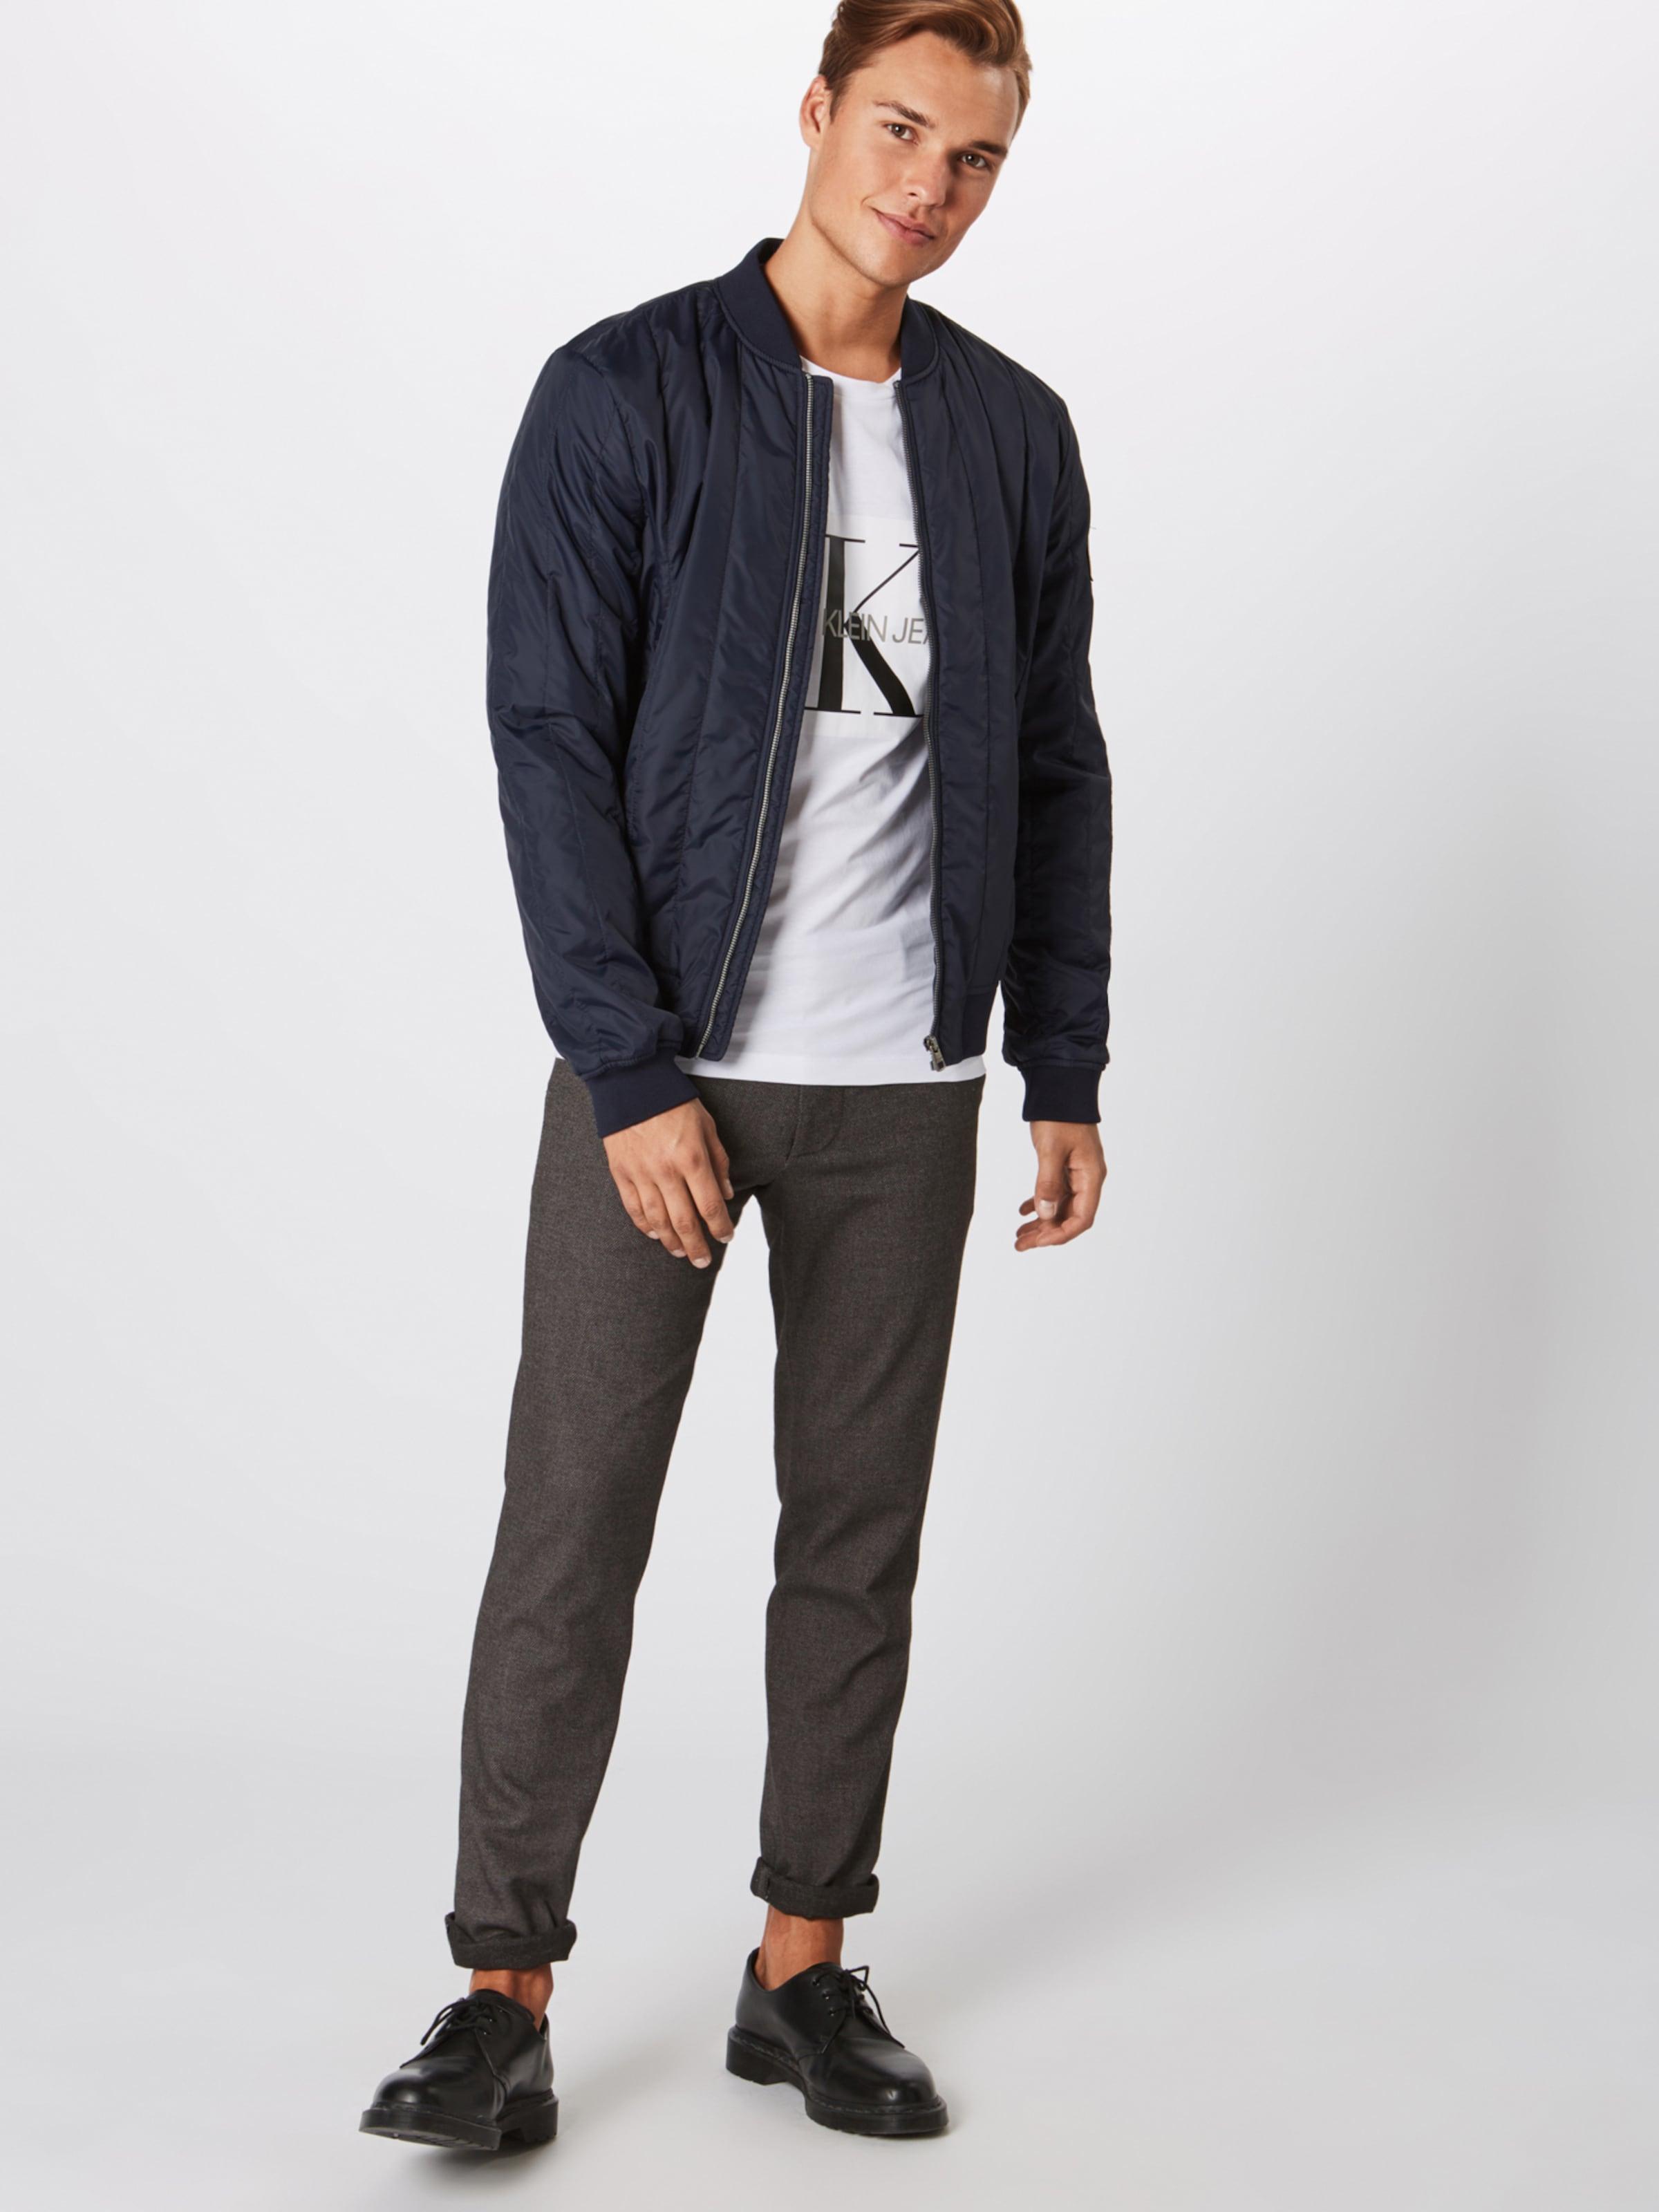 Weiß In Calvin 'core Jeans Klein Monogram shirt Logo Slim Tee' Box T HellgrauSchwarz 9IHEDYW2